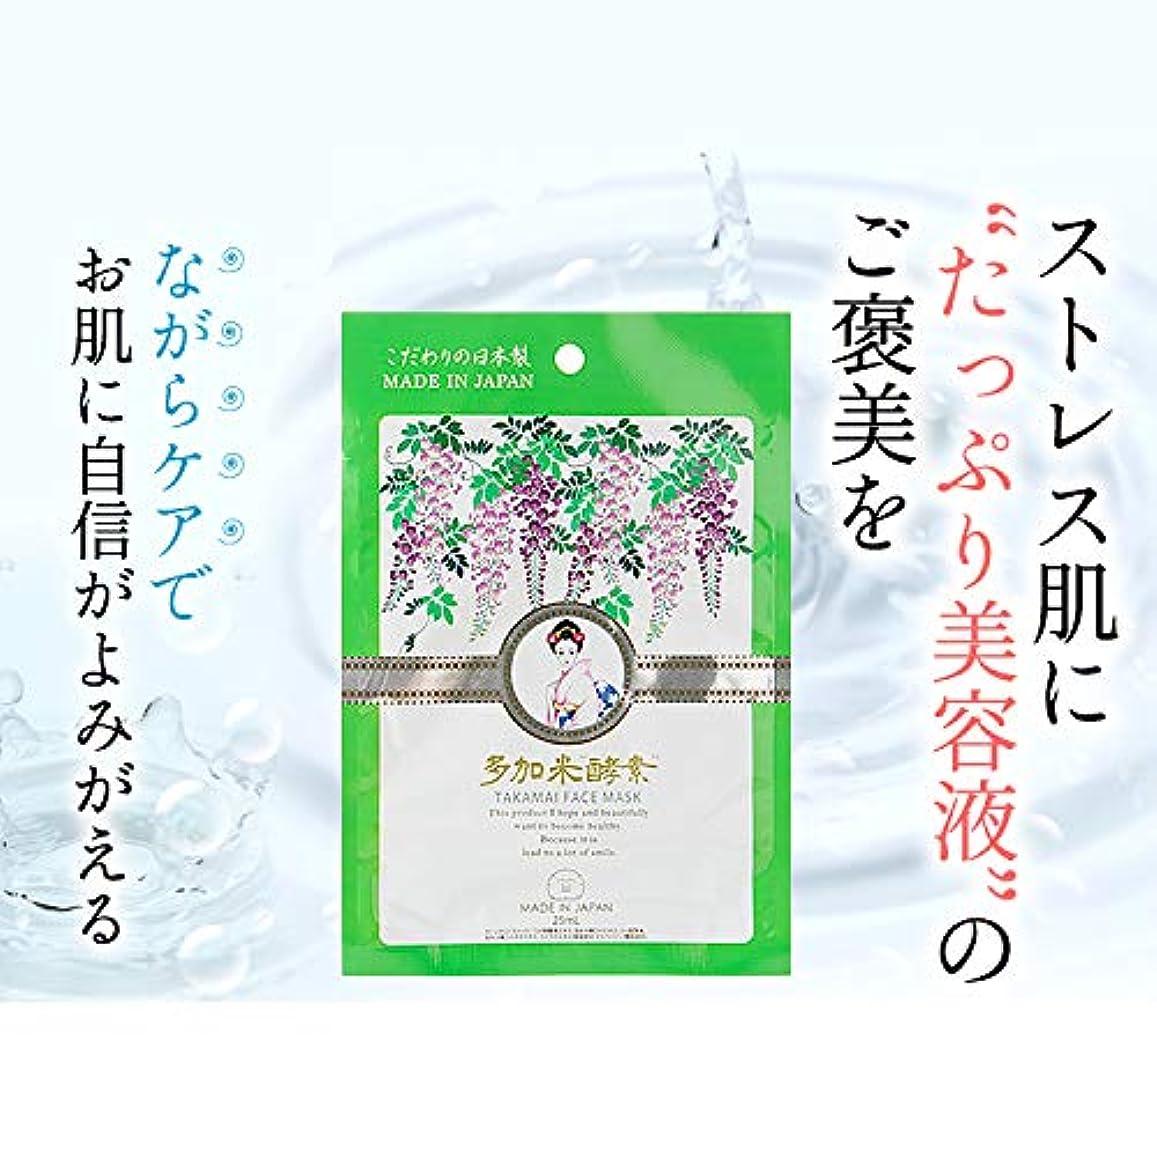 暴露未亡人規則性多加米酵素フェイスマスク シートマスク フェイスマスク 保湿マスク 美容液 25ml 20枚セット